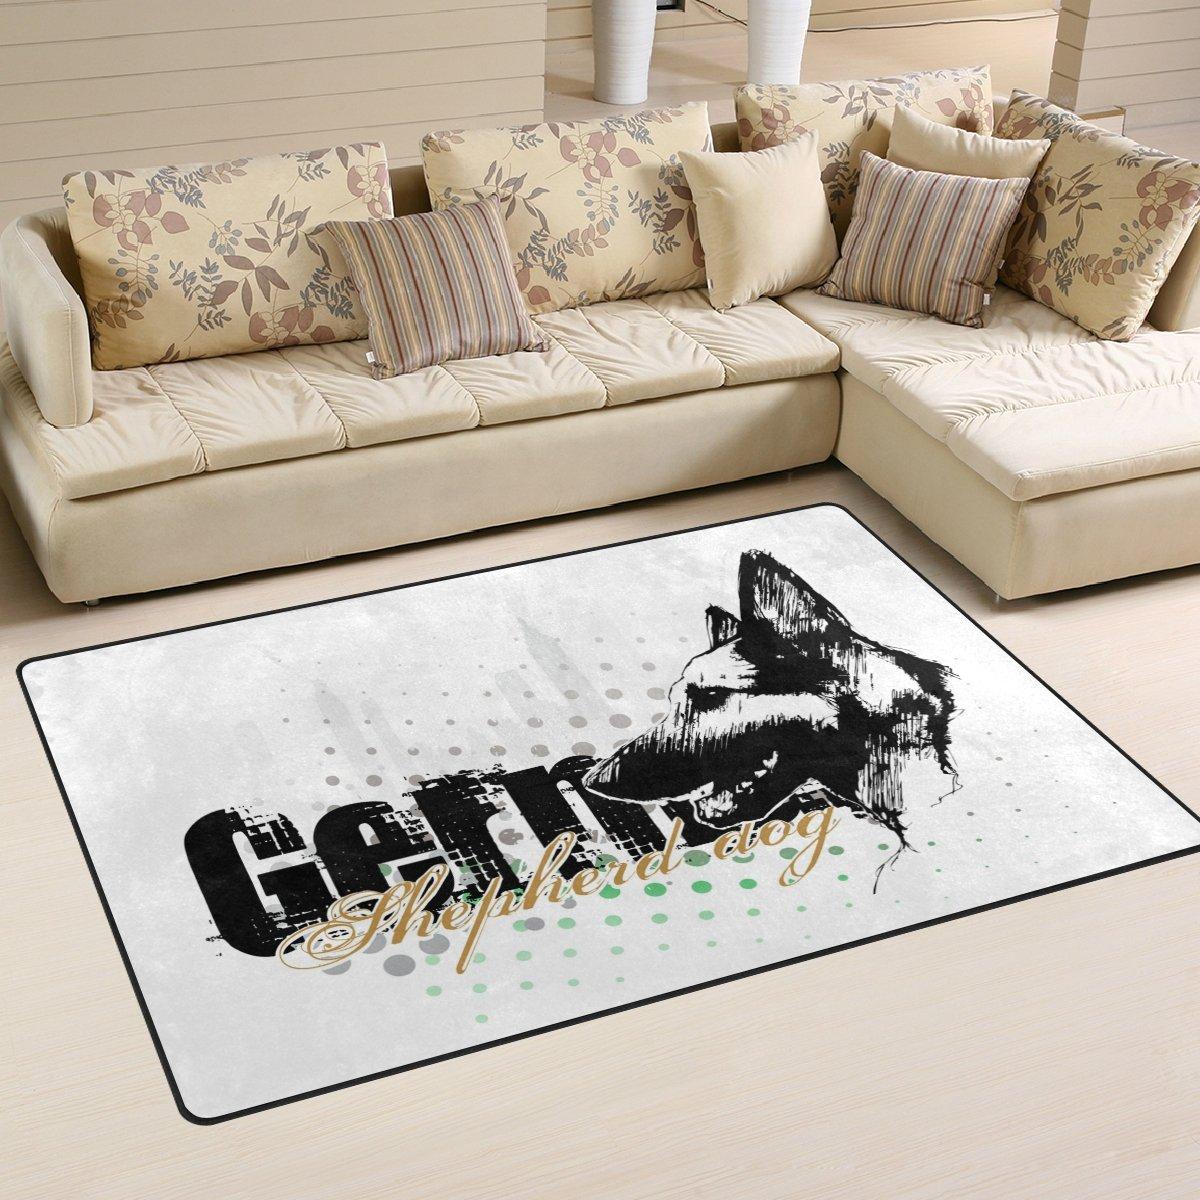 DEYYA German Shepherd Dog Area Rugs Pads Non-Slip Floor Mat Doormats for Living Room Bedroom 31 x 20 inches g1598364p146c161s240